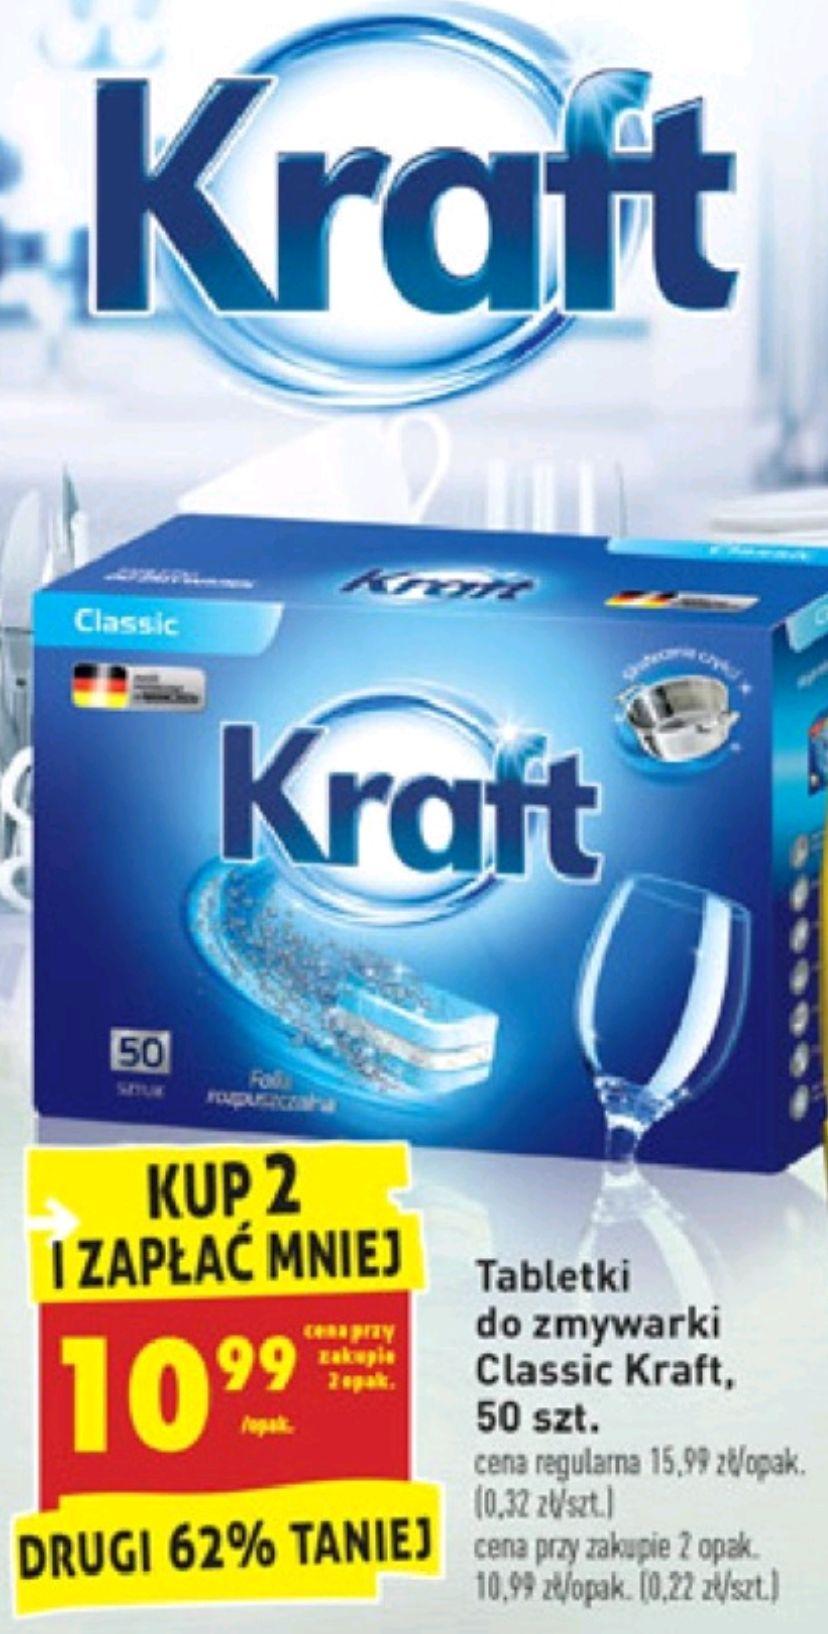 Tabletki KRAFT do zmywarki -100szt. za 0.22 gr/ szt. BIEDRONKA